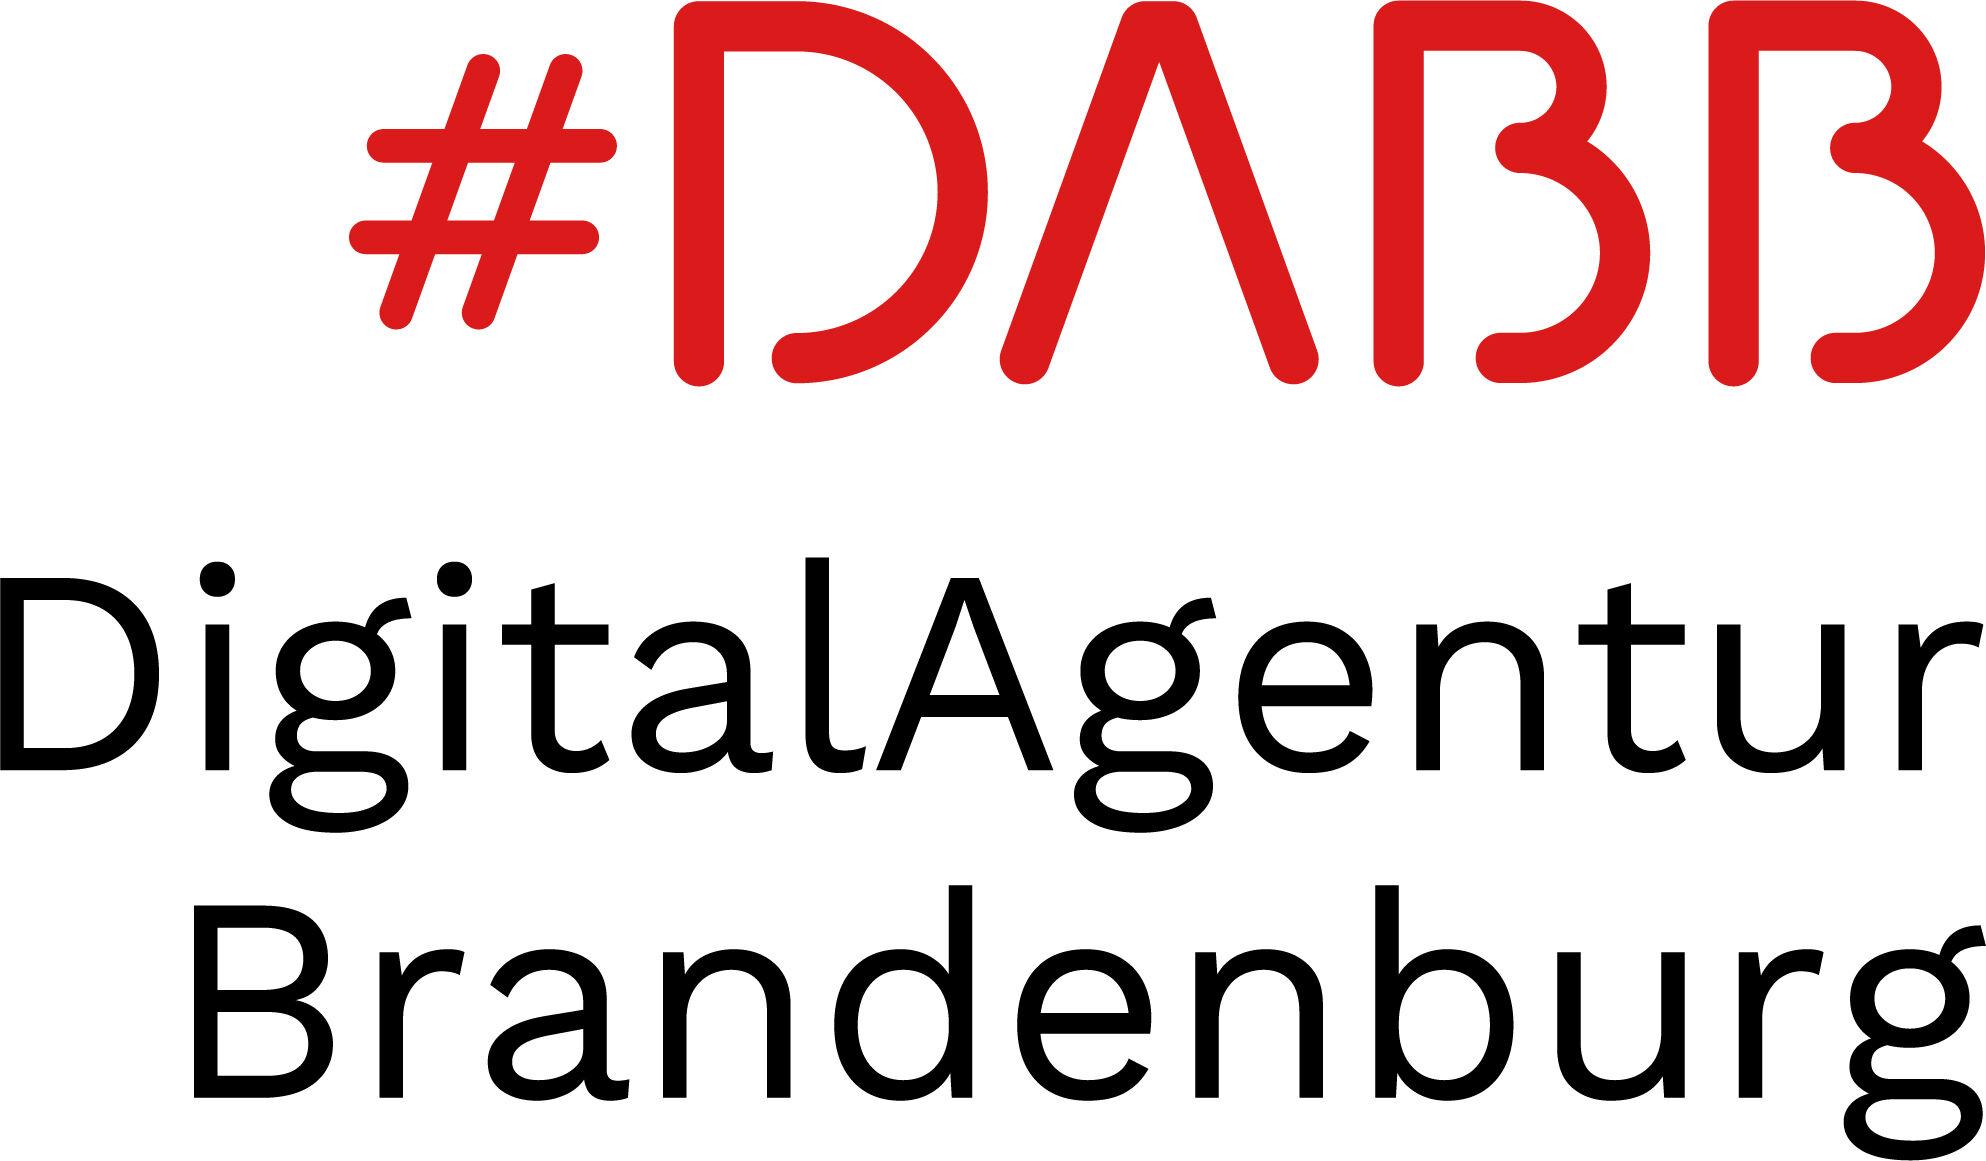 DigitalAgentur Brandenburg GmbH